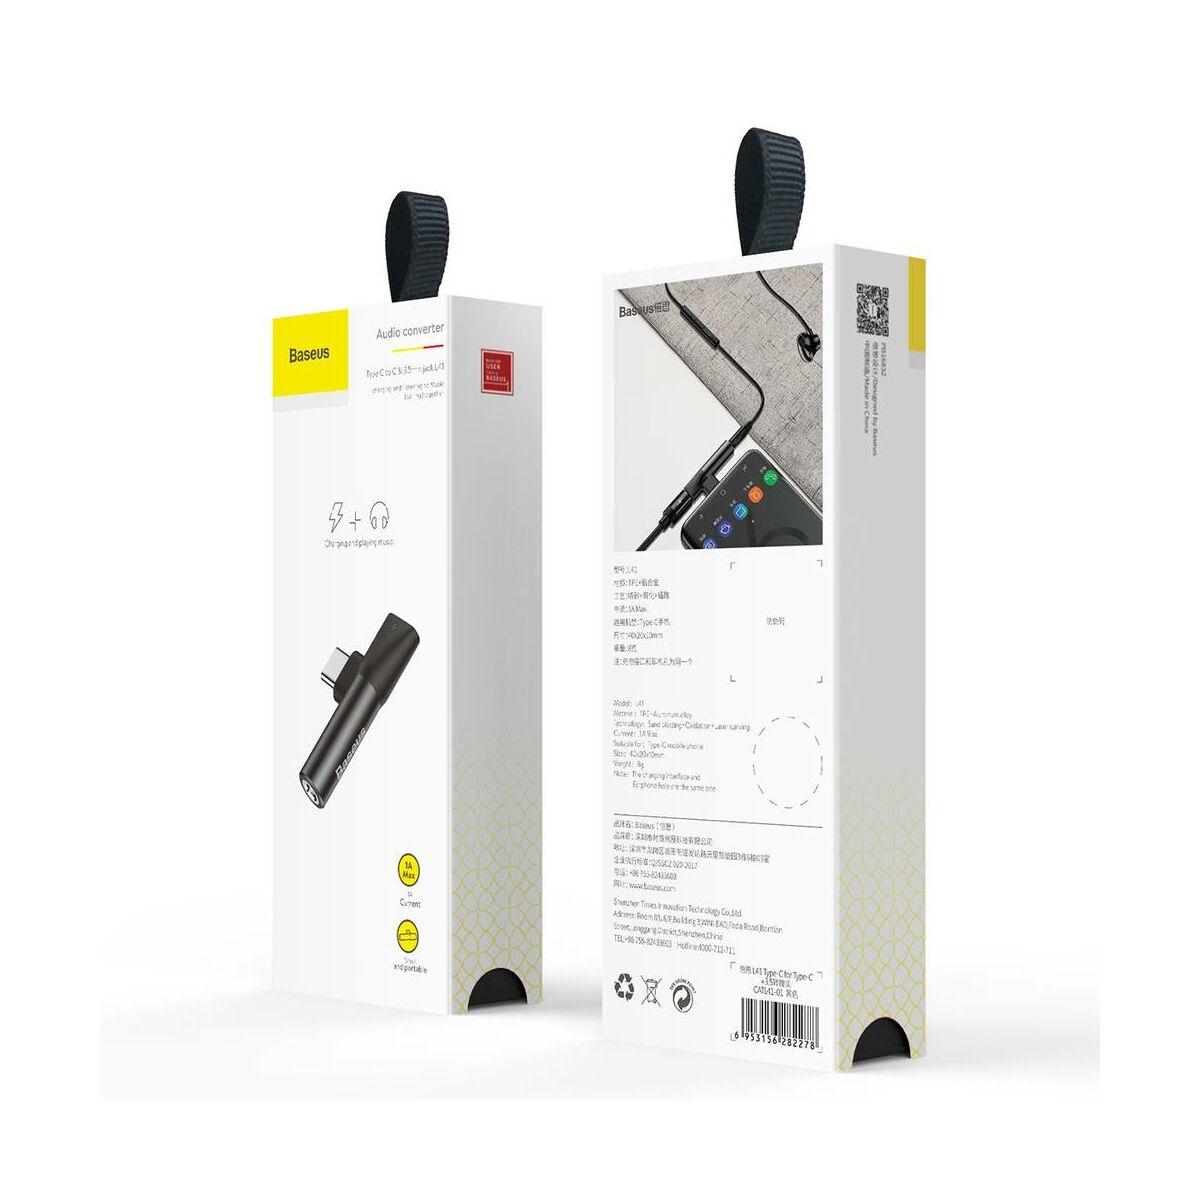 Baseus átalakító, L41 Type-C (bemenet) - Type-C + 3.5 mm, csatlakozó, fekete (CATL41-01)